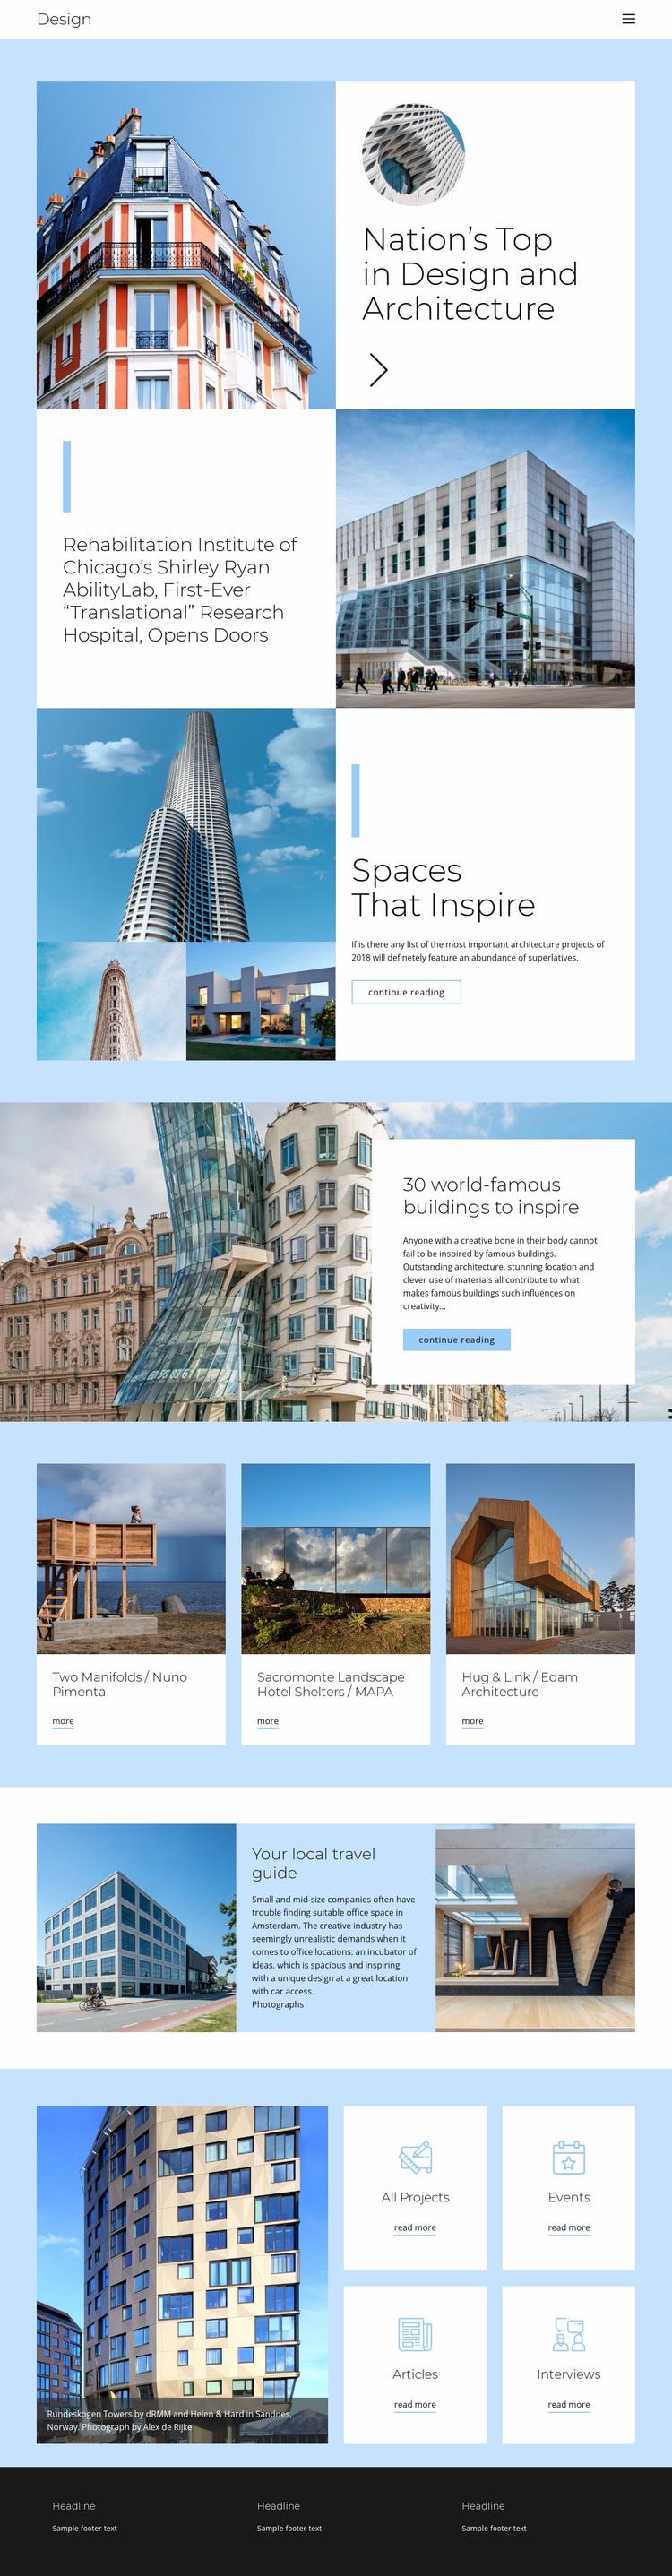 Architecture city guide Web Page Designer